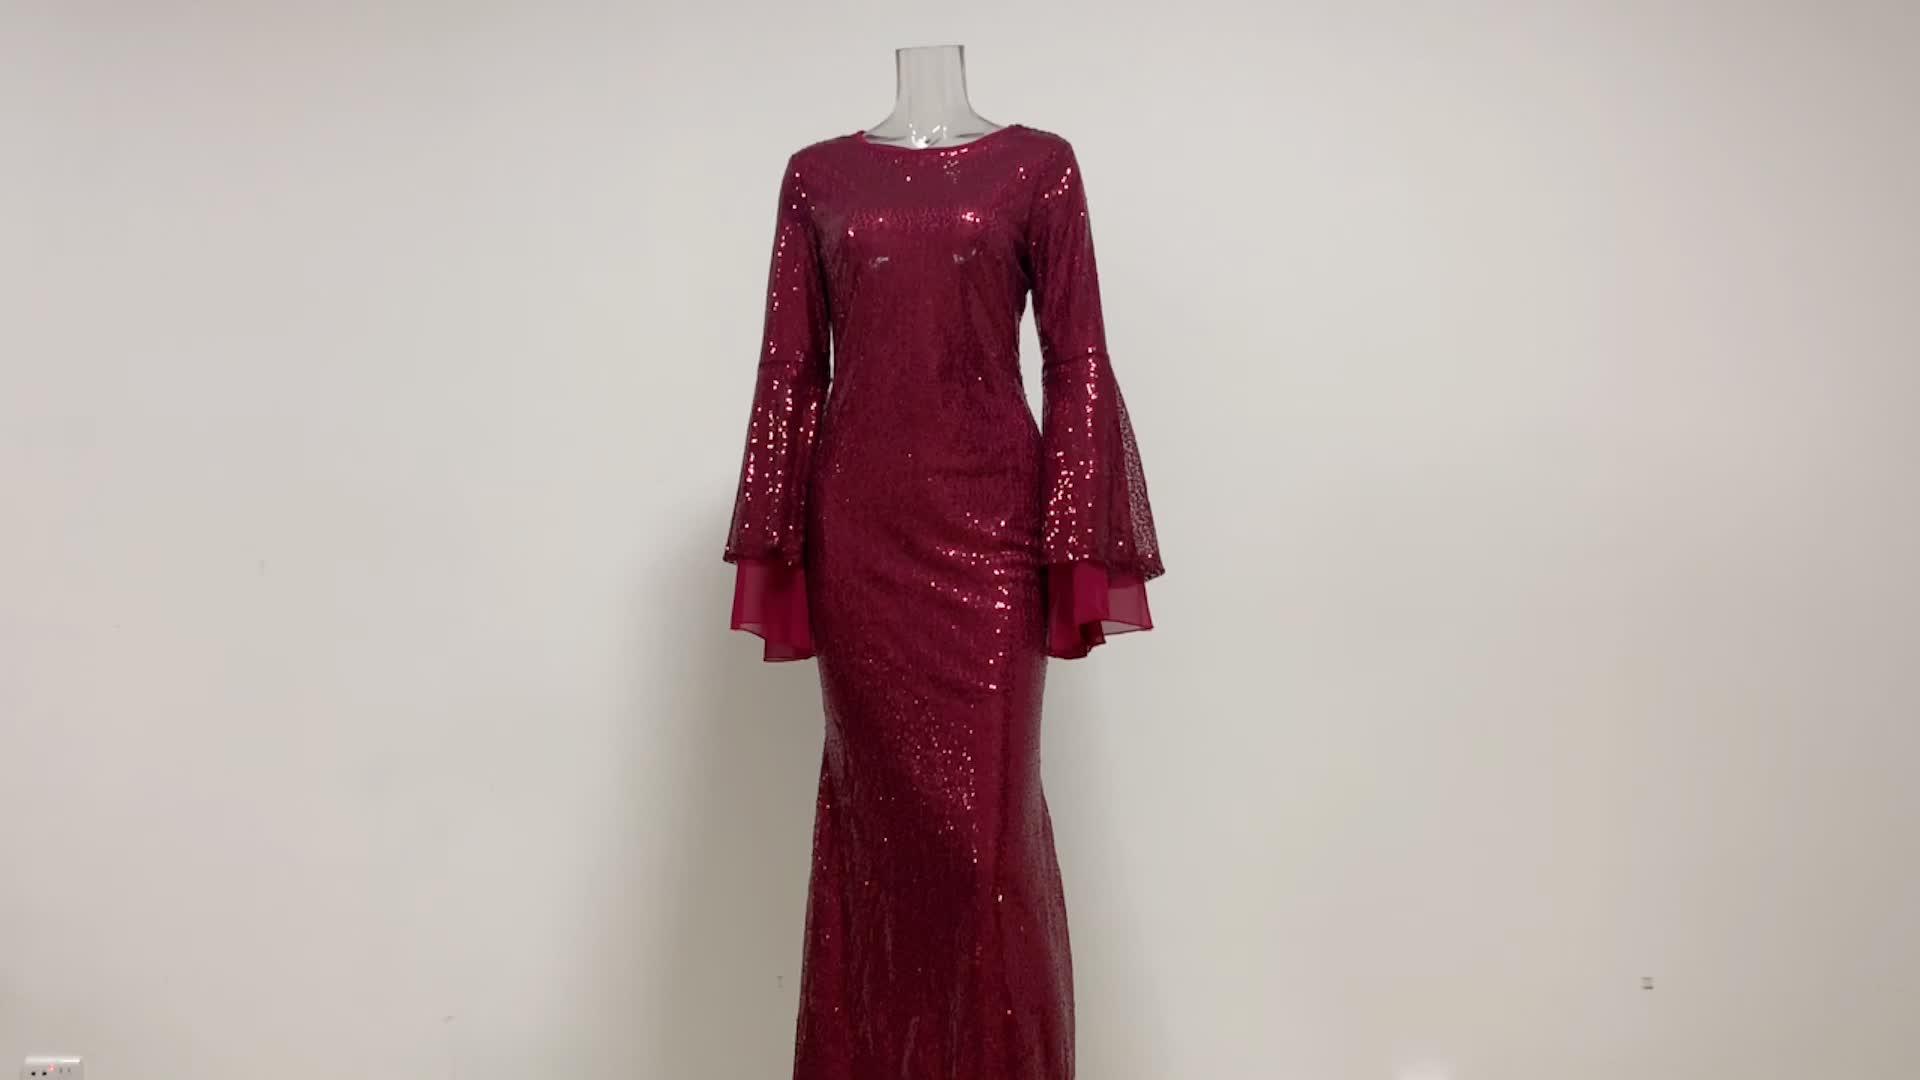 Moderne Mode Islamitische Kleding Turkije Avondjurken Luxe Lovertjes Rok Abaya Kaftan Moslim Jurk Islamitische Kleding